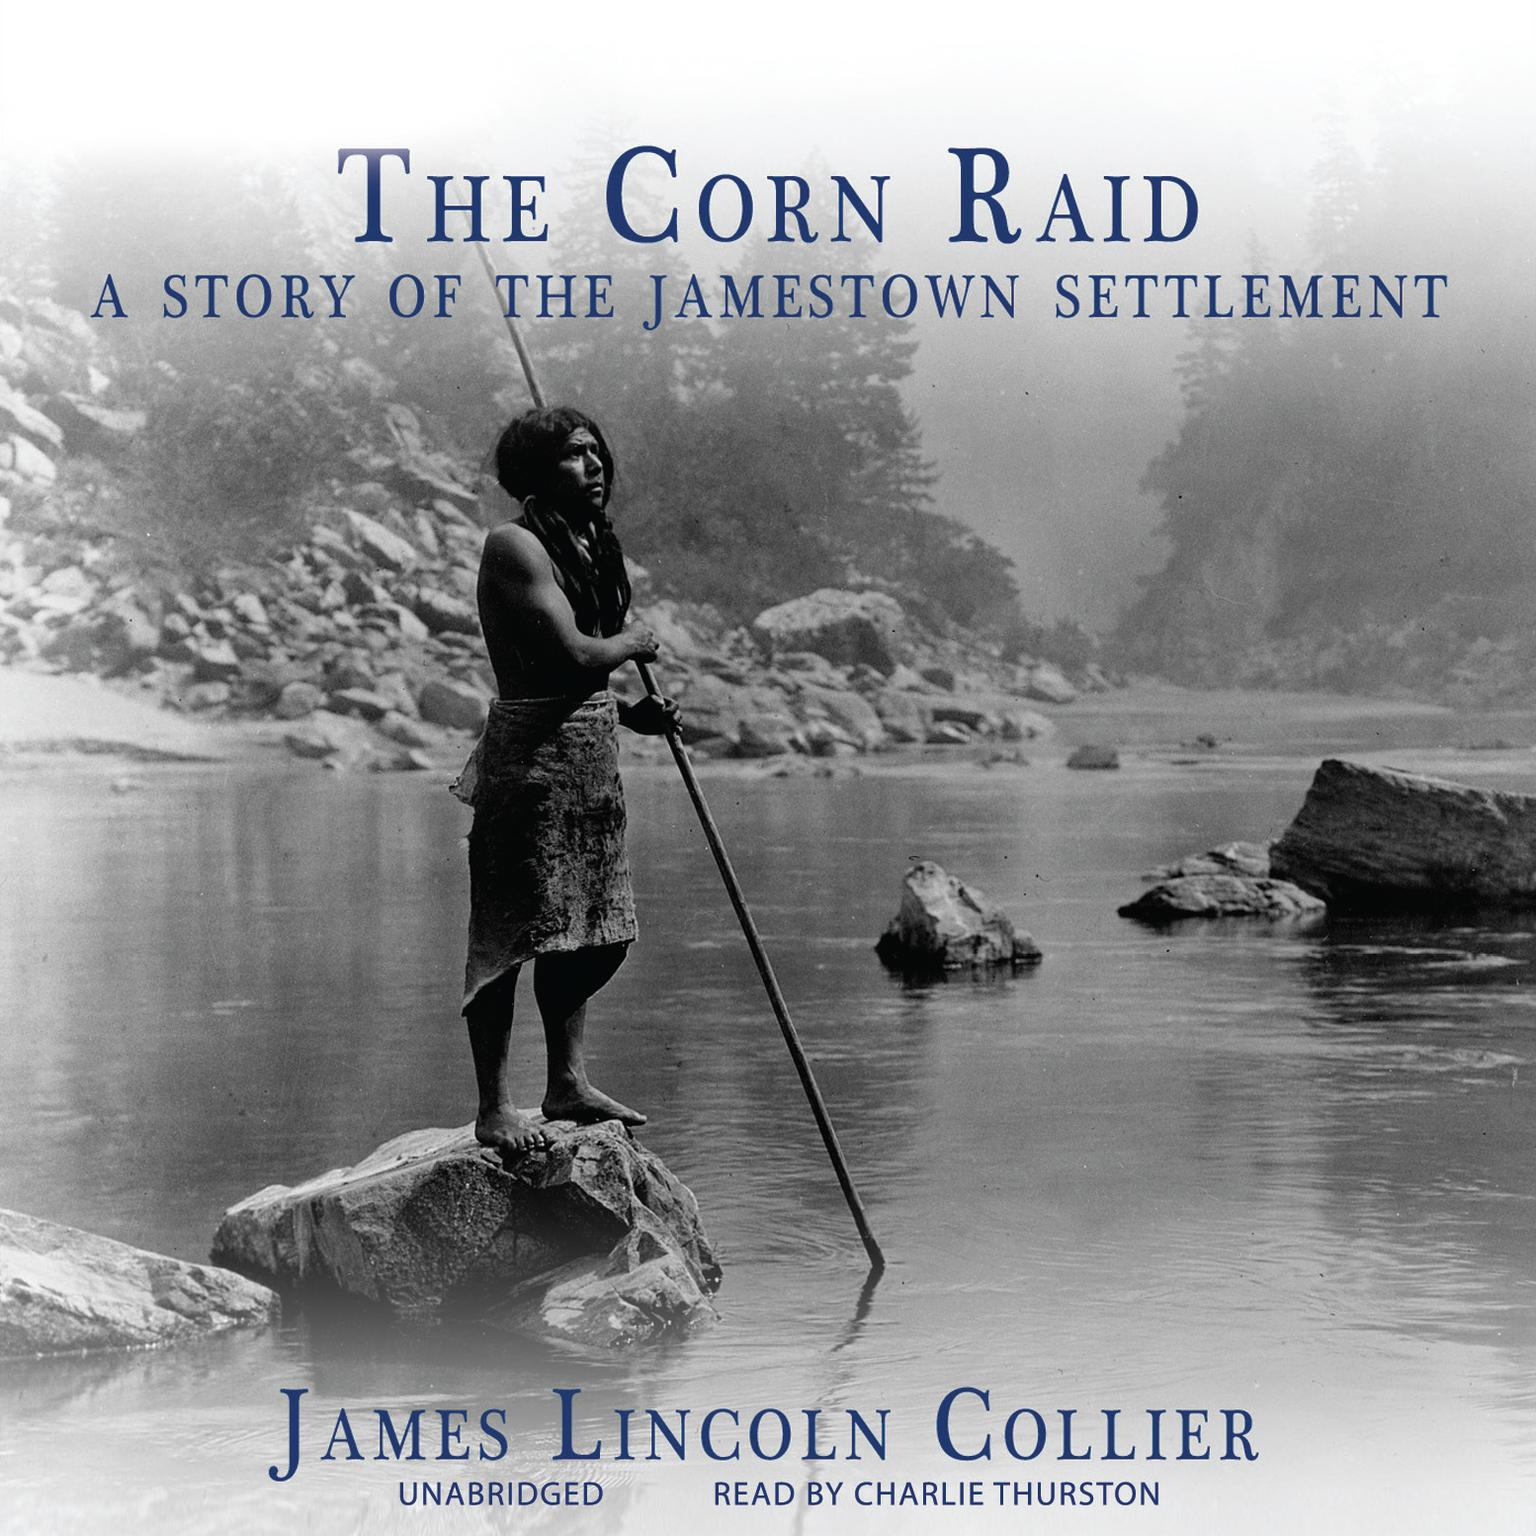 The Corn Raid